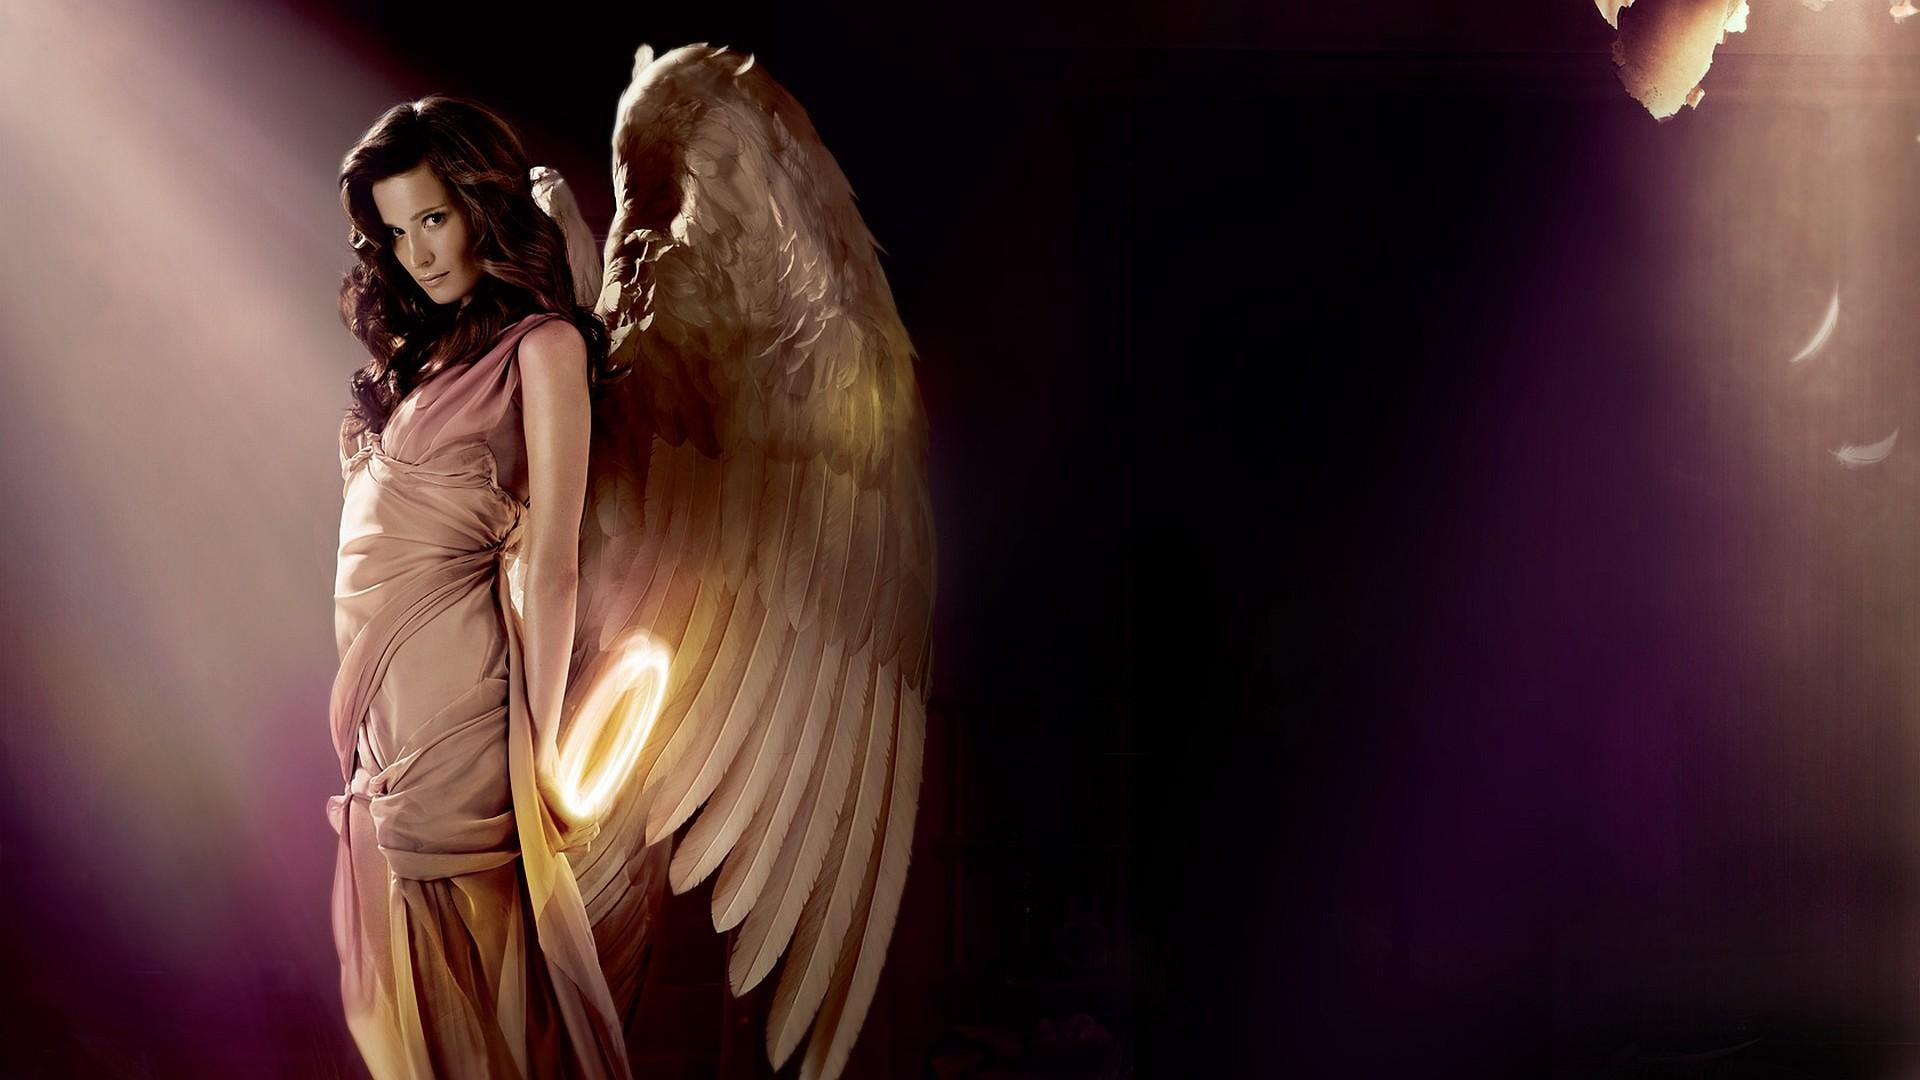 Фото ангелов на телефон